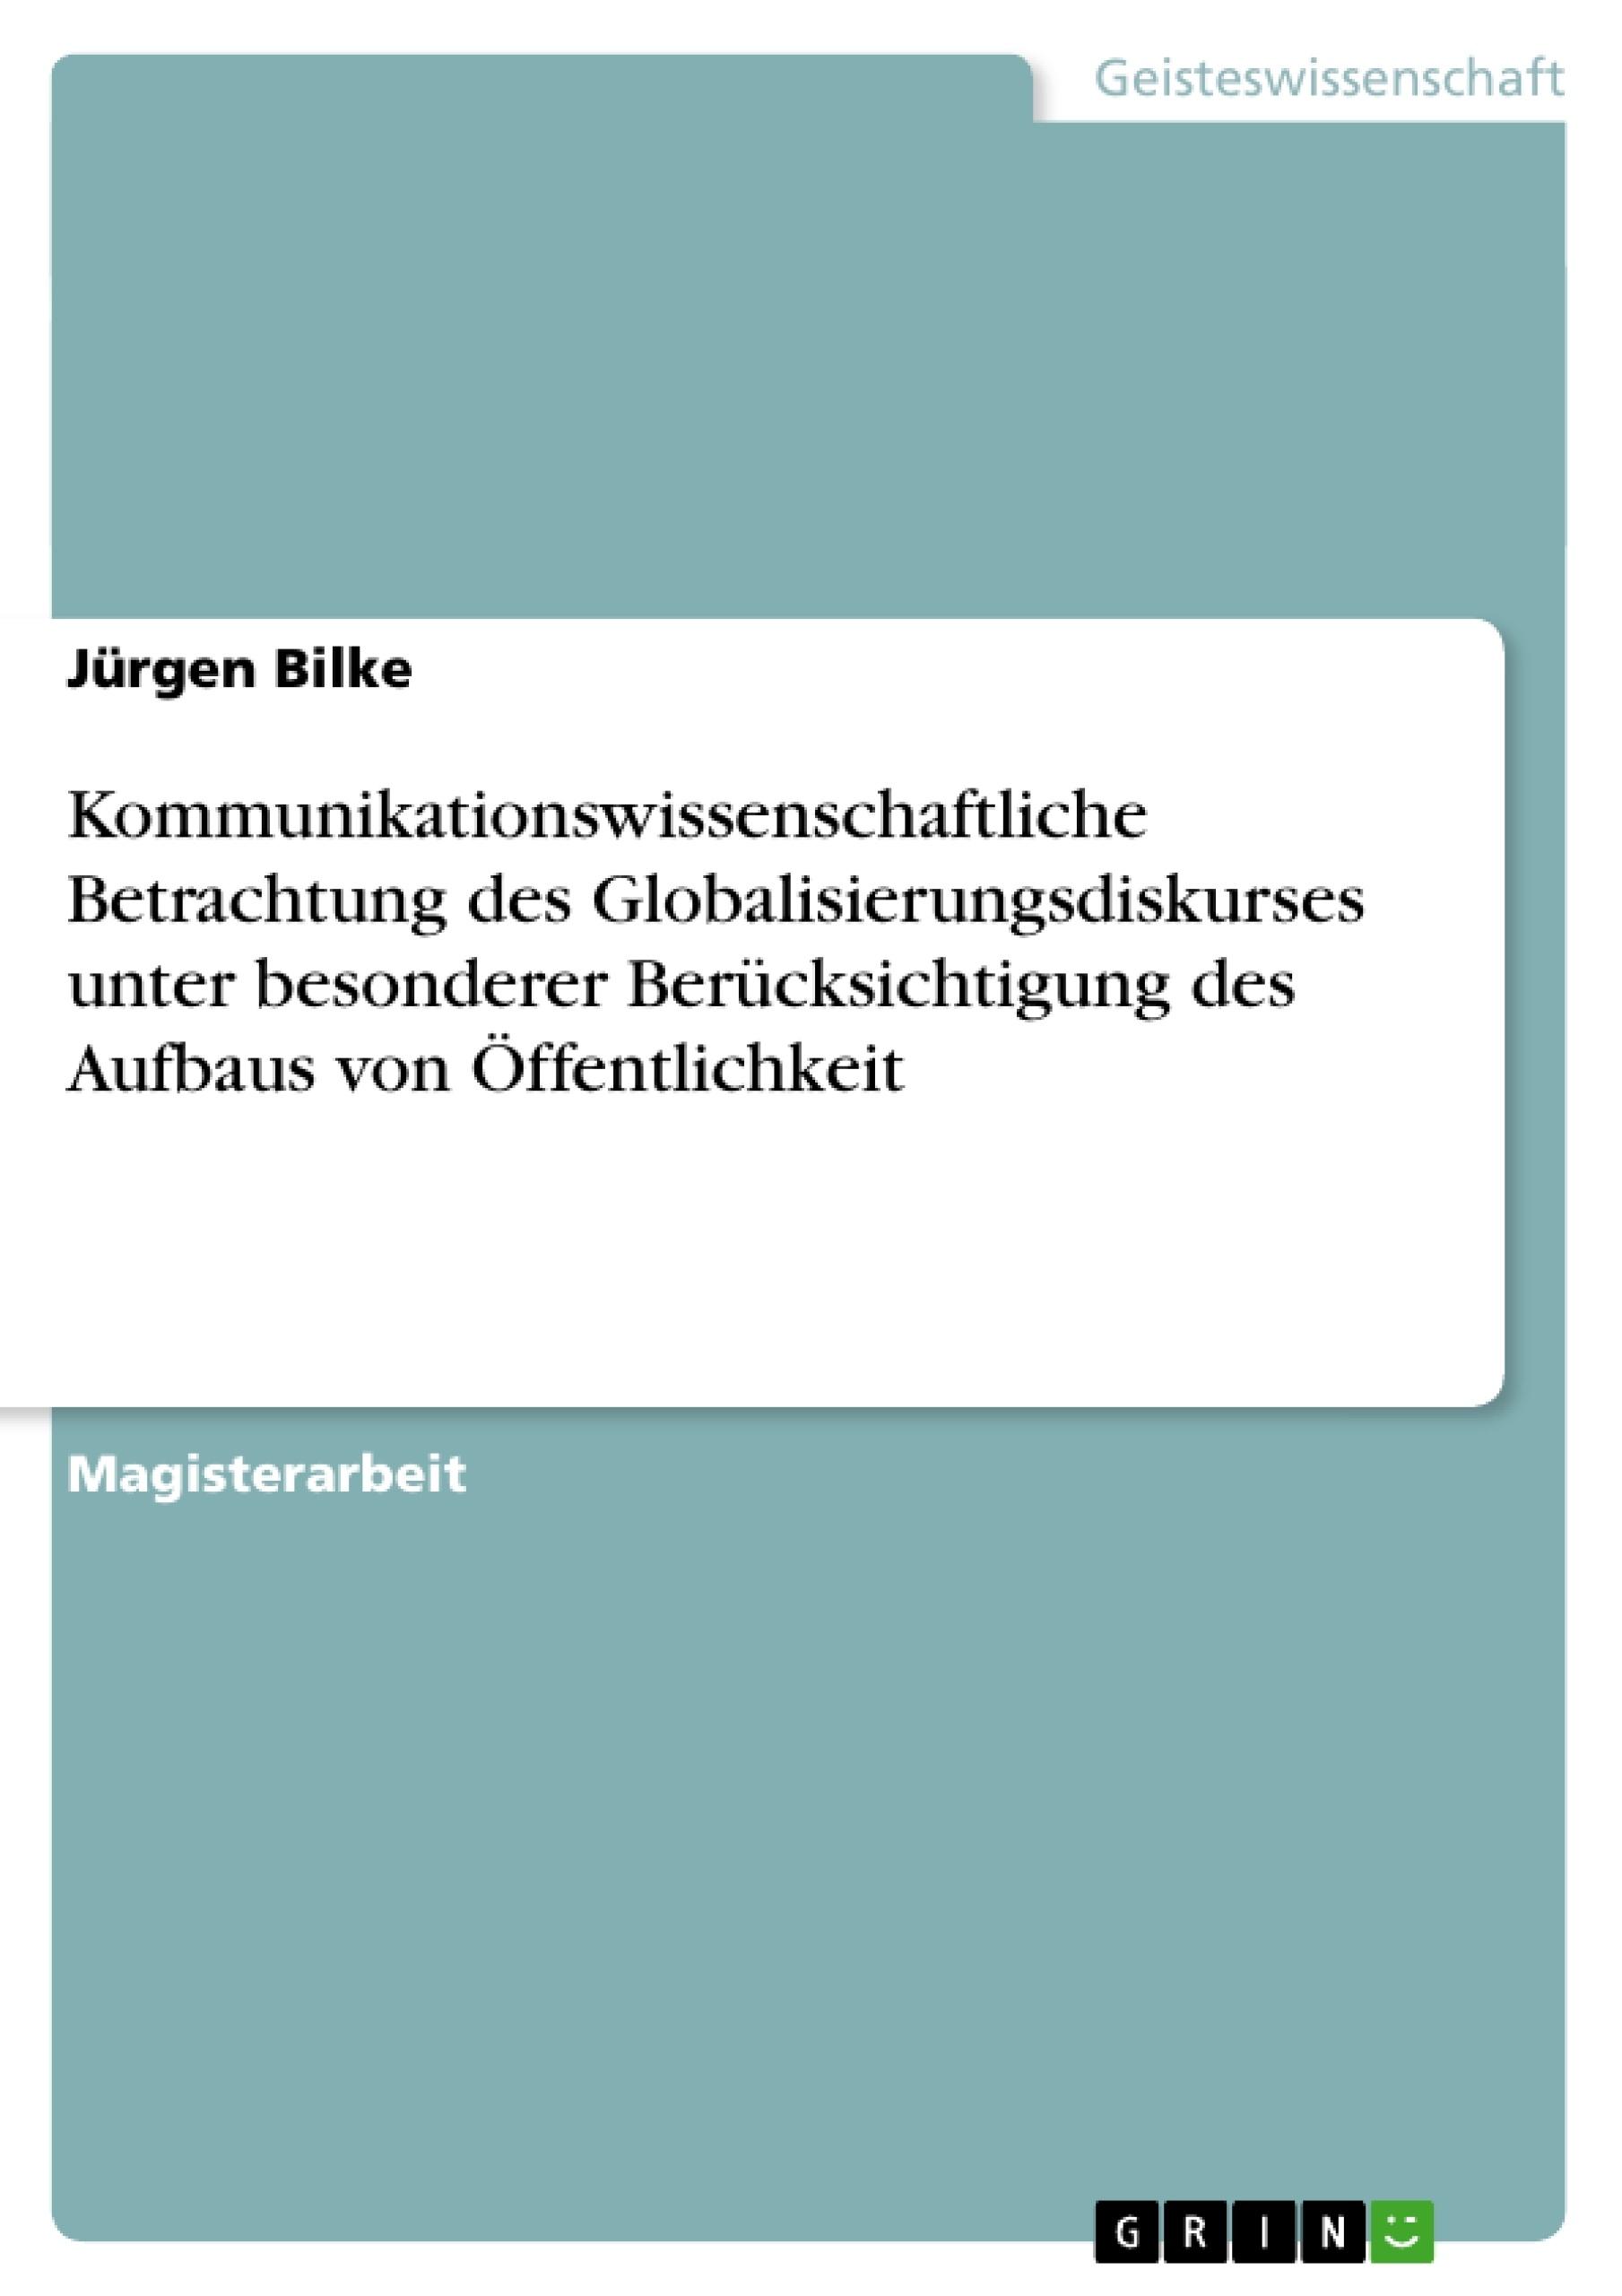 Titel: Kommunikationswissenschaftliche Betrachtung des Globalisierungsdiskurses unter besonderer Berücksichtigung des Aufbaus von Öffentlichkeit